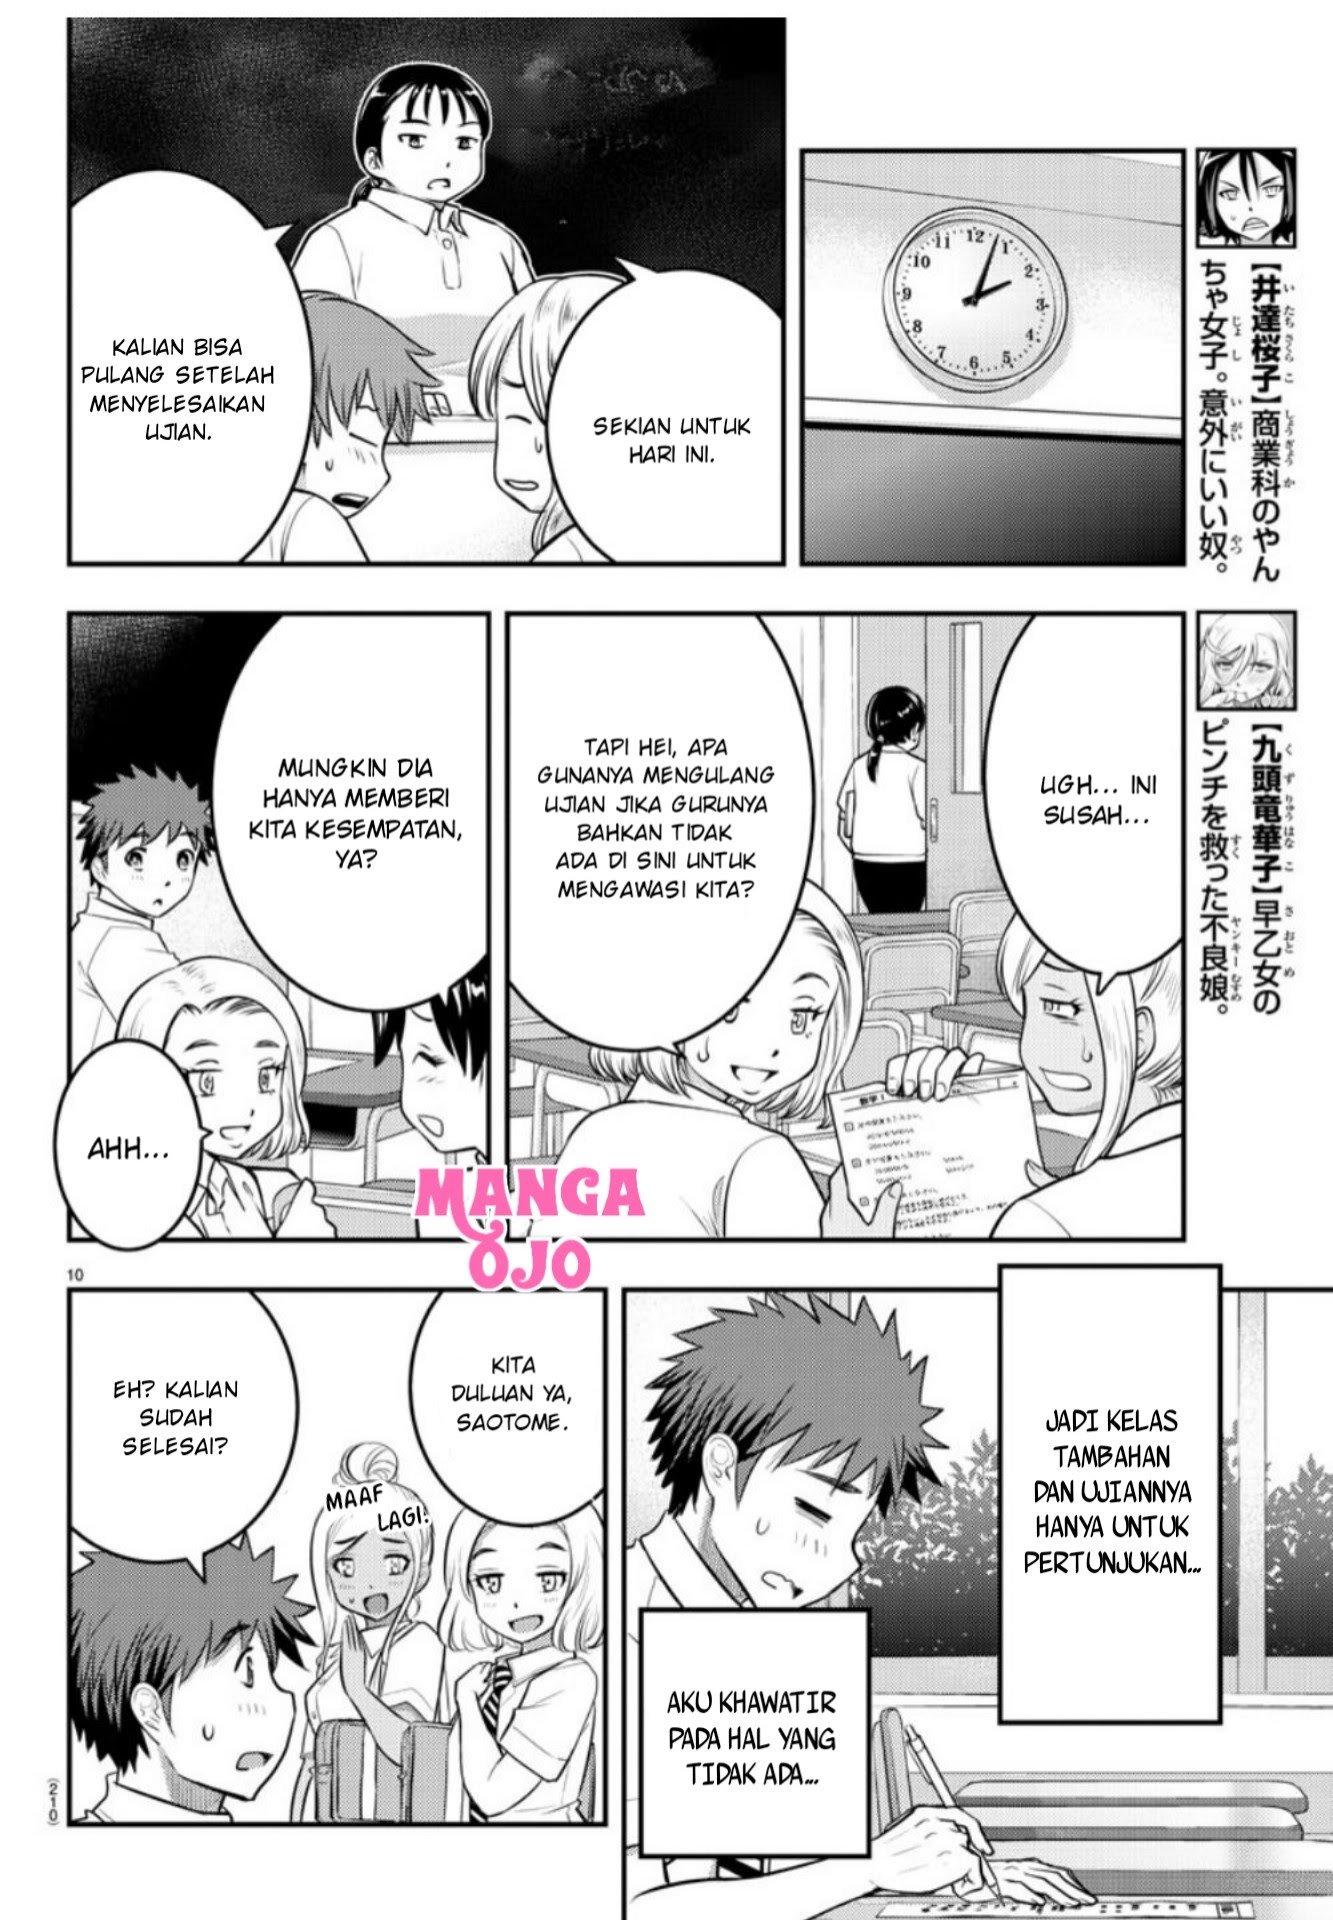 Yankee Jk Kuzuhana-chan Chapter 21